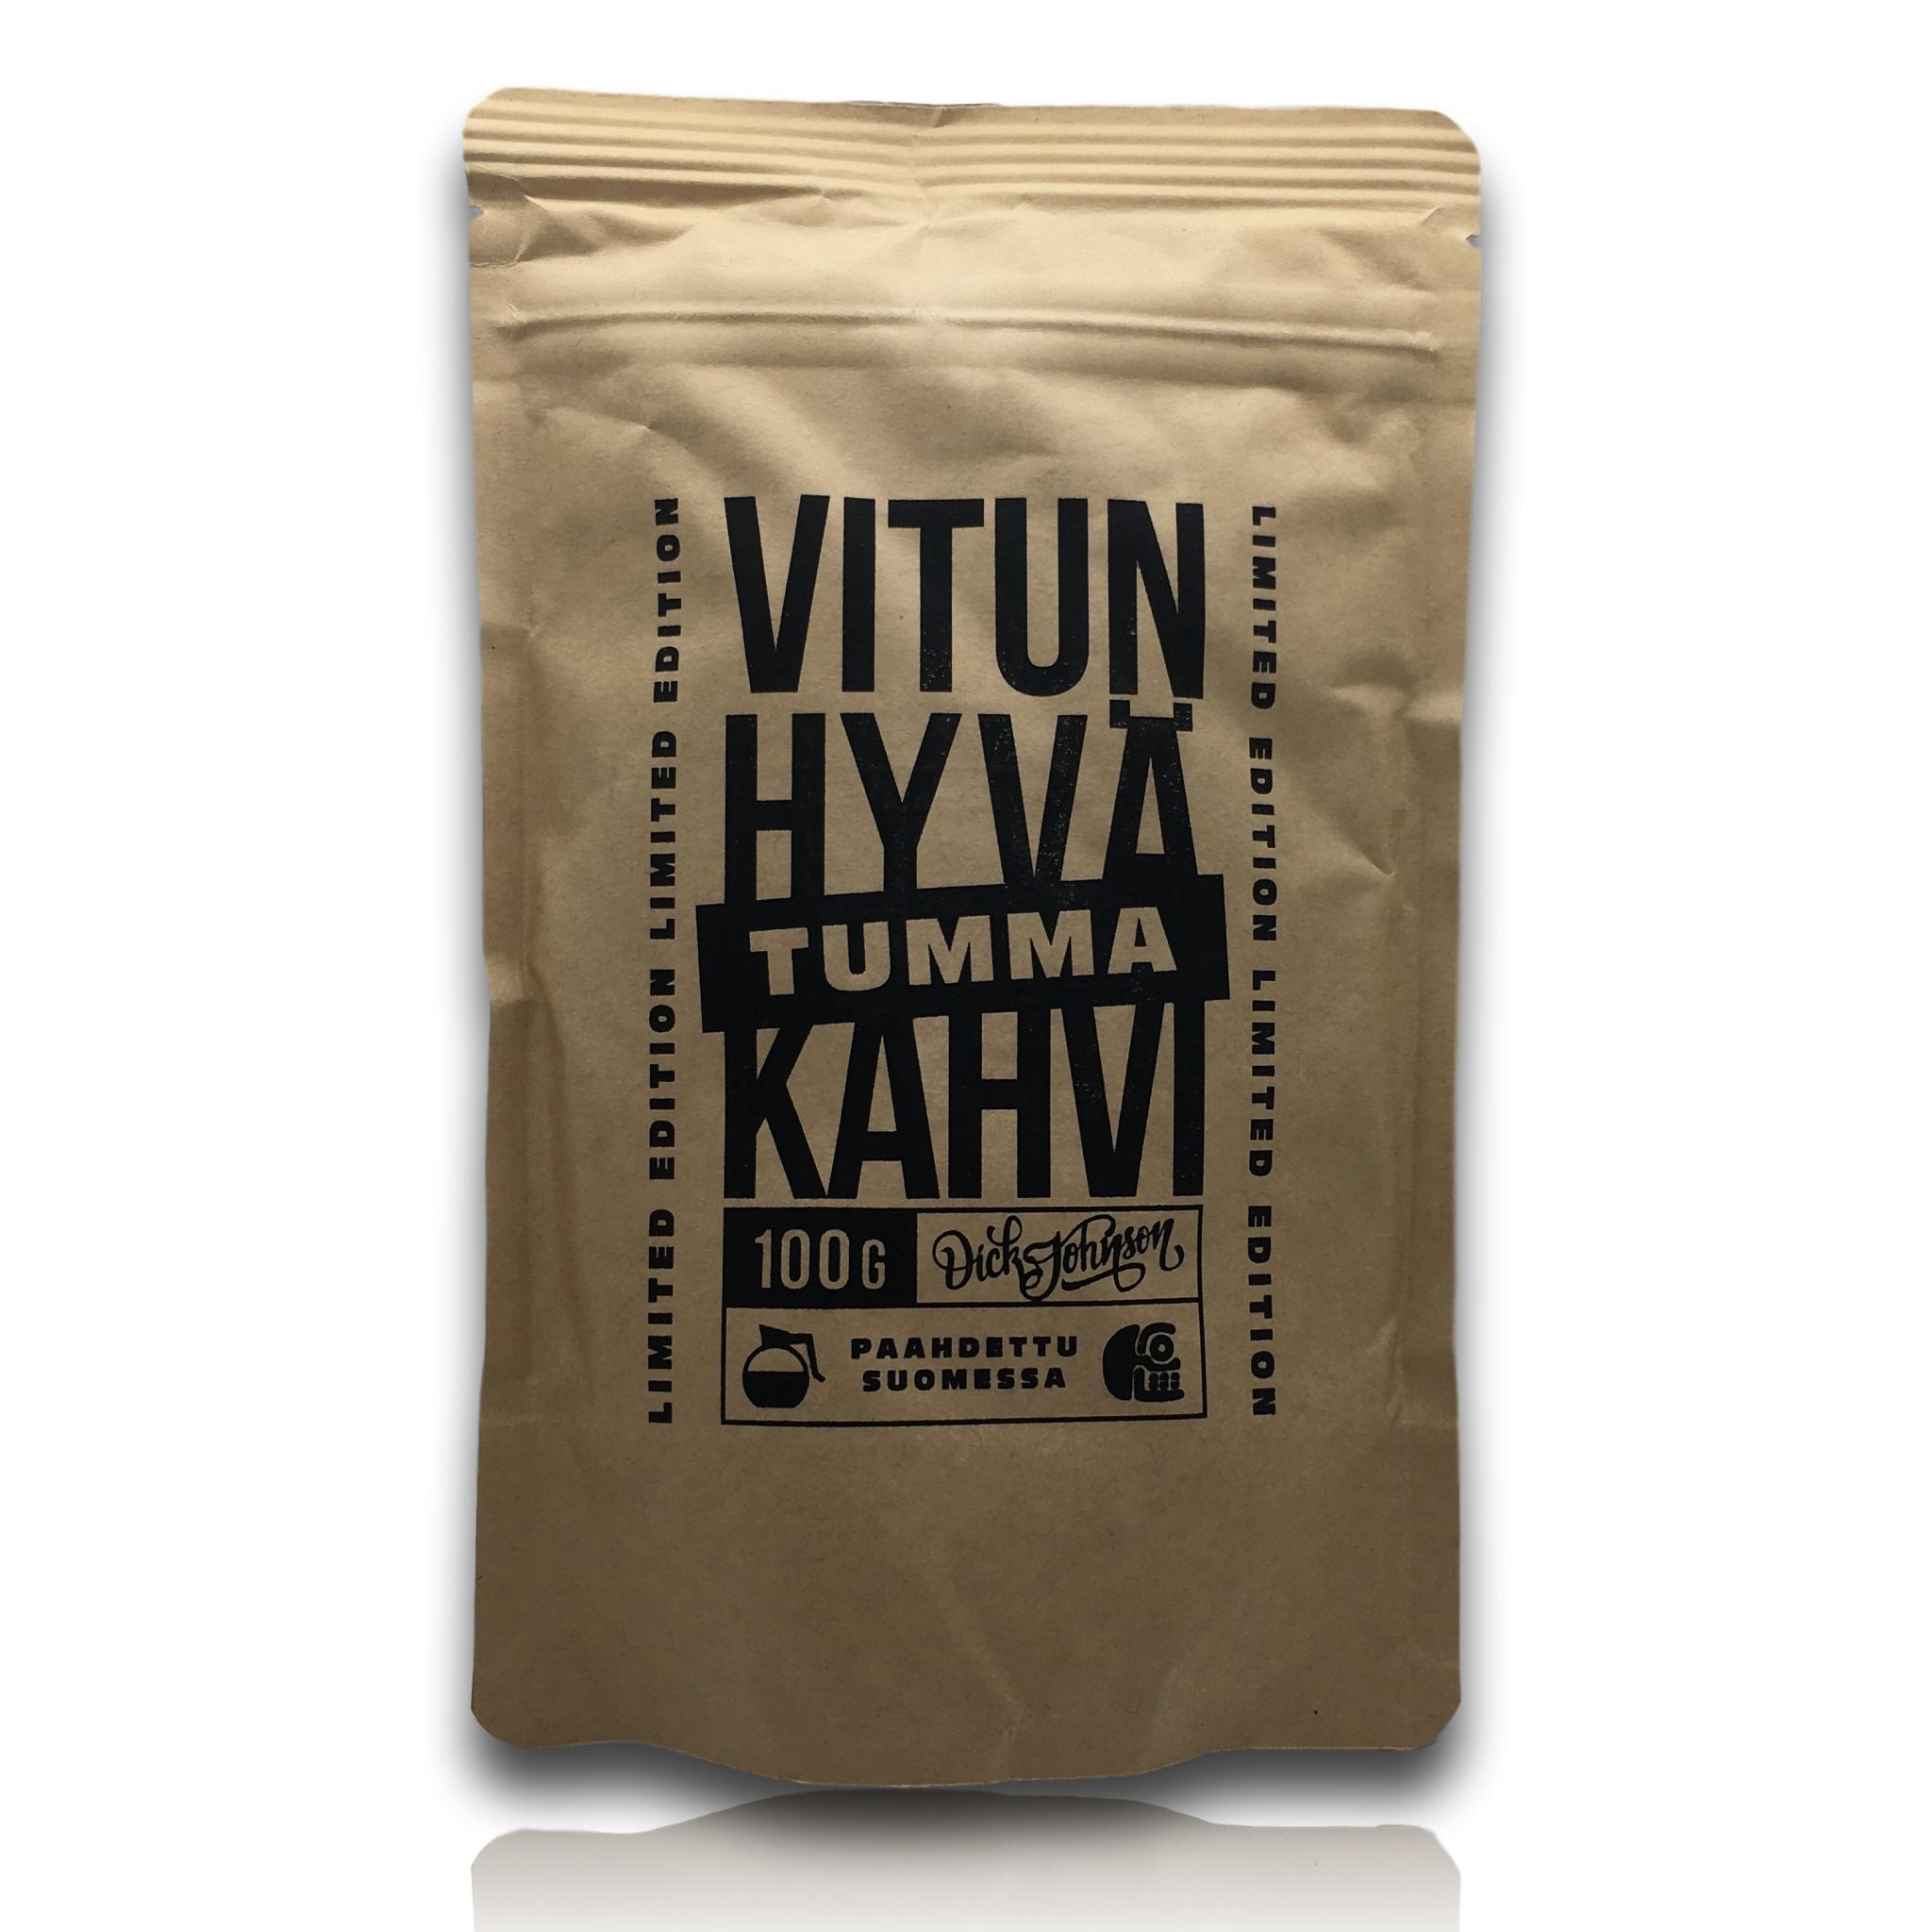 Vitun hyvä tumma kahvi